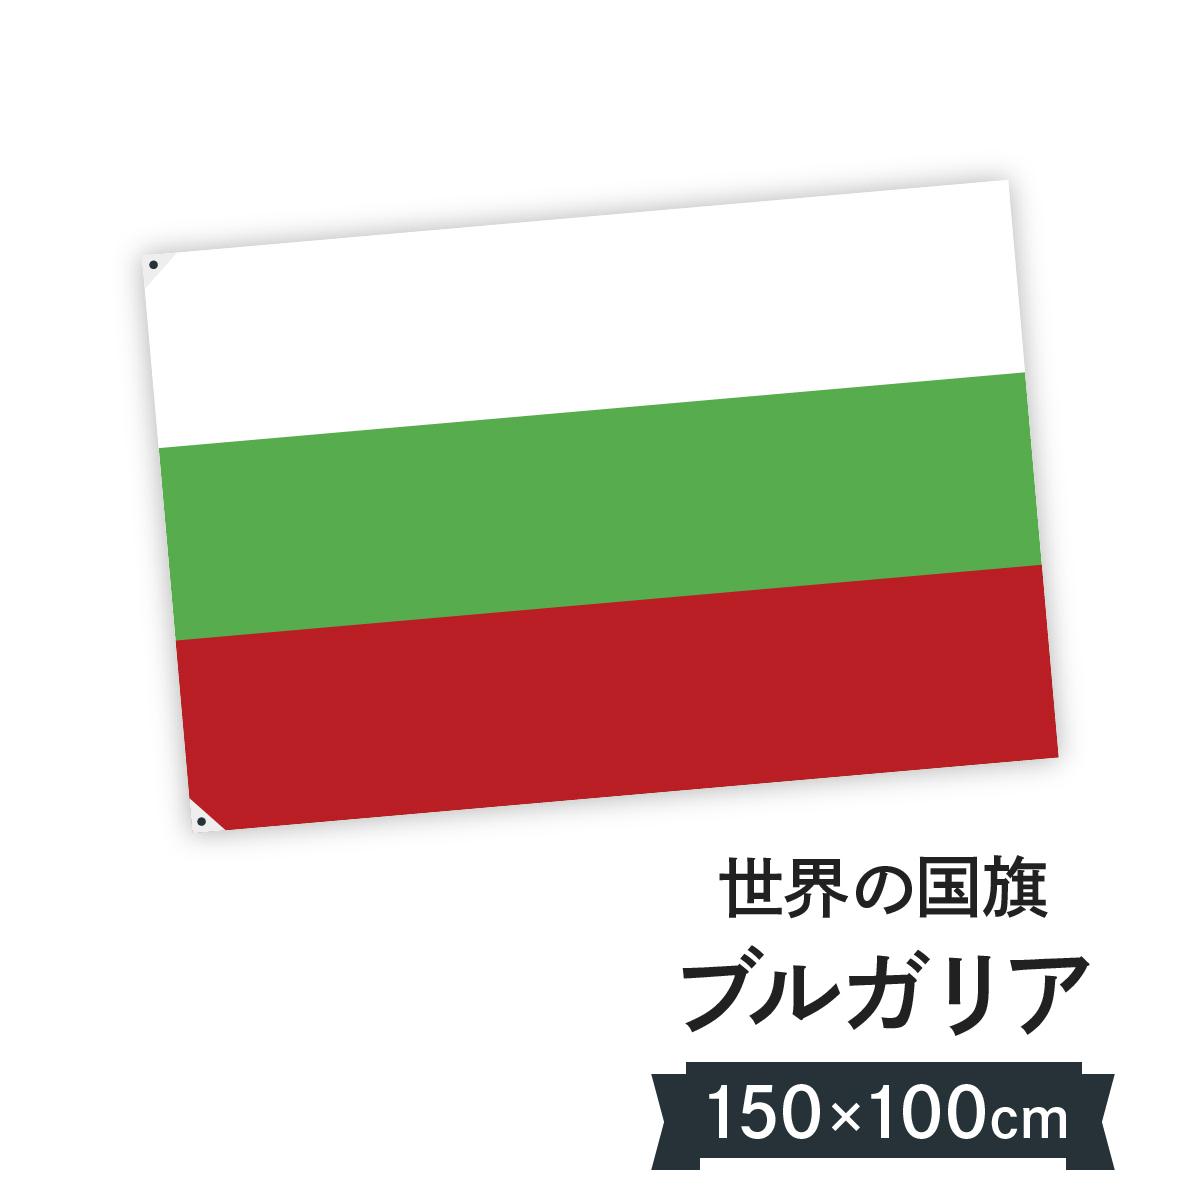 ブルガリア共和国 国旗 W150cm H100cm